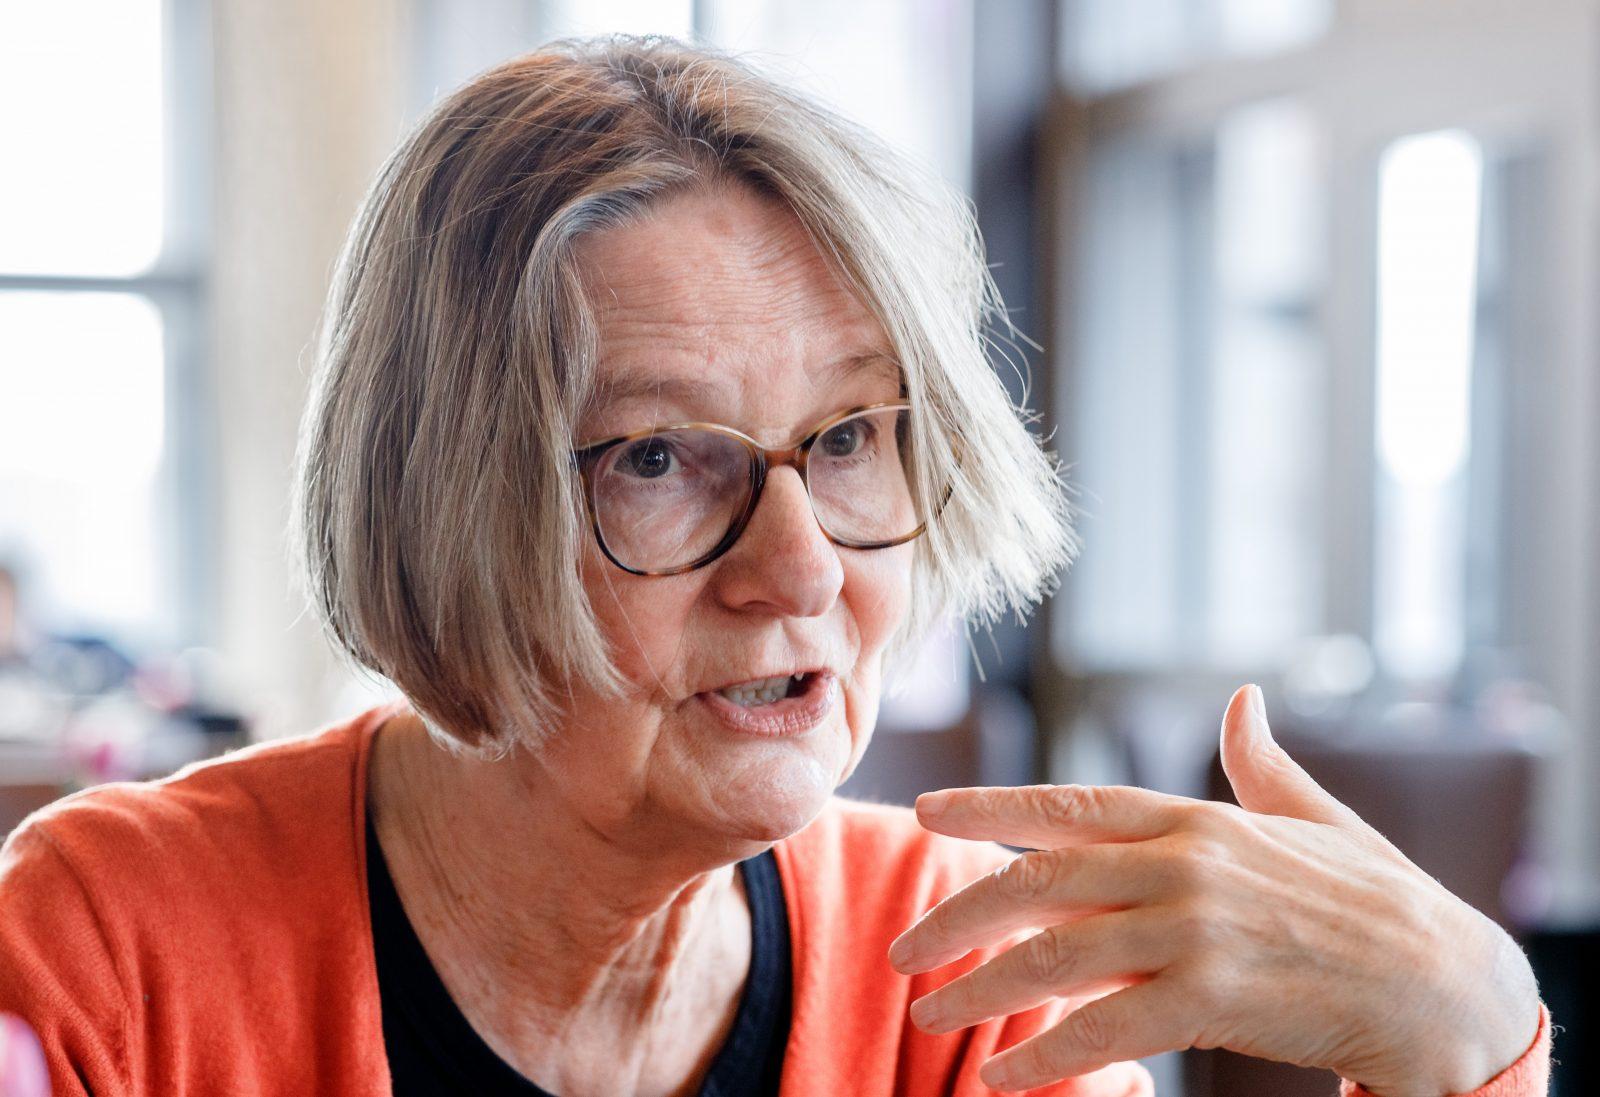 Kirsten Boie: Die Kinderbuchautorin wirft dem Vorsitzenden des Vereins Deutsche Sprache, Walter Krämer, rechtspopulistische Vorstellungen vor